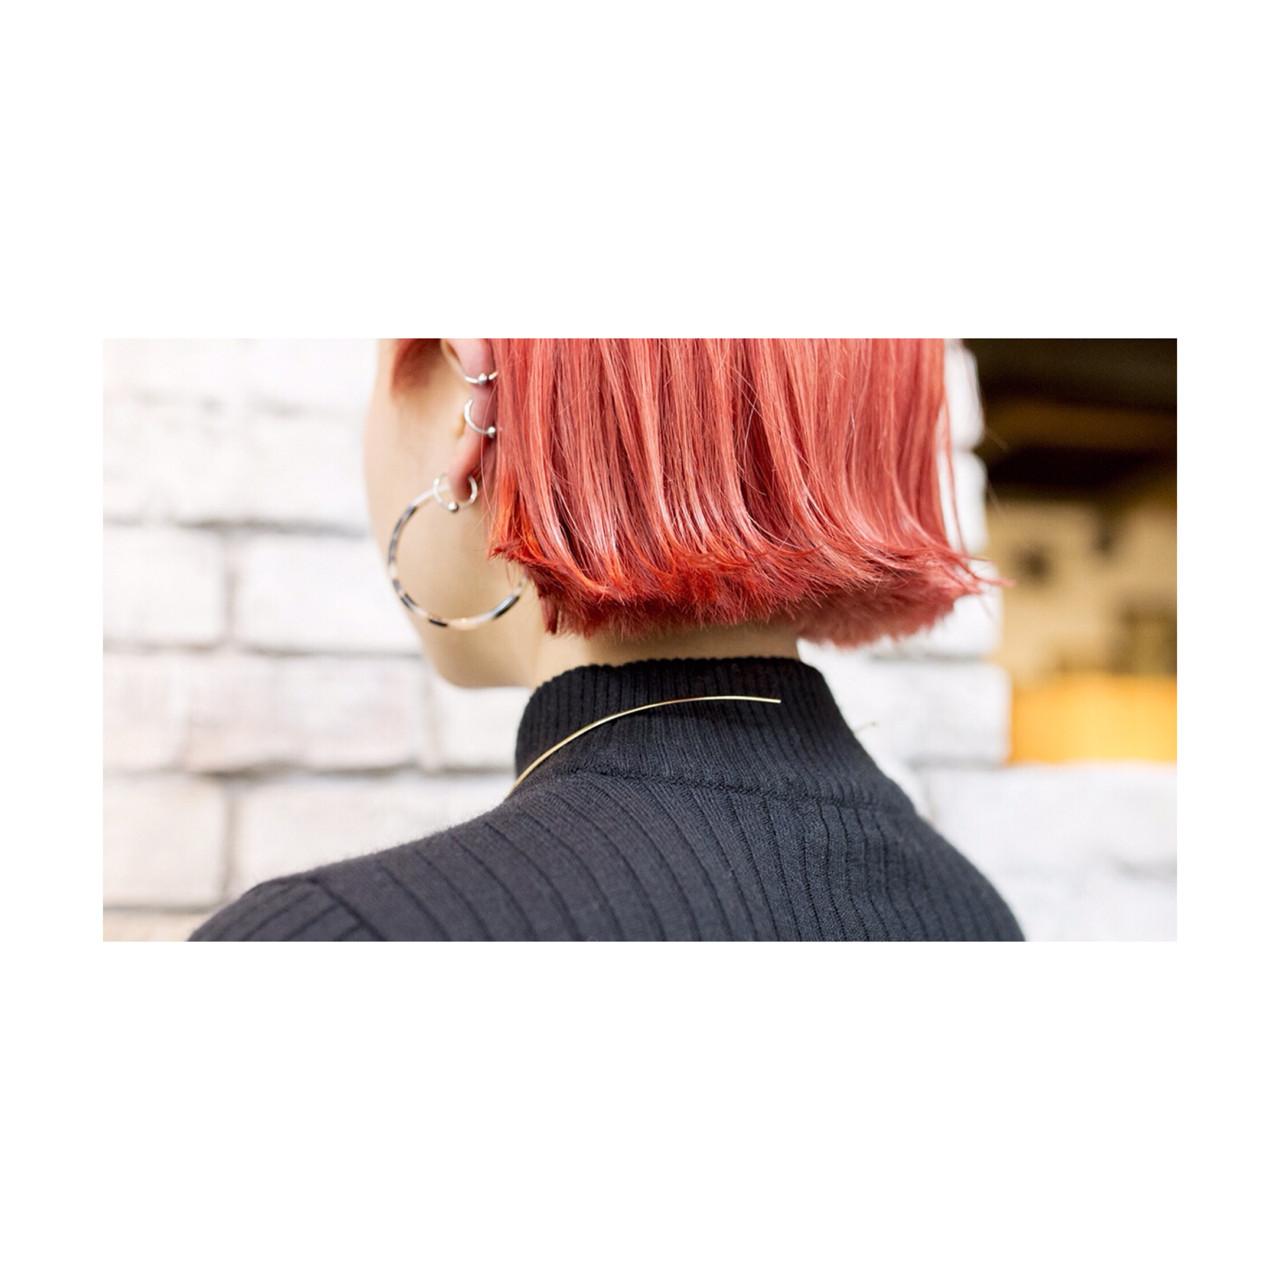 理想の髪に近づくために。意外と知らない!?ダブルカラーの効果とは♡ 佐藤 祐亮 / Ravo HAIR